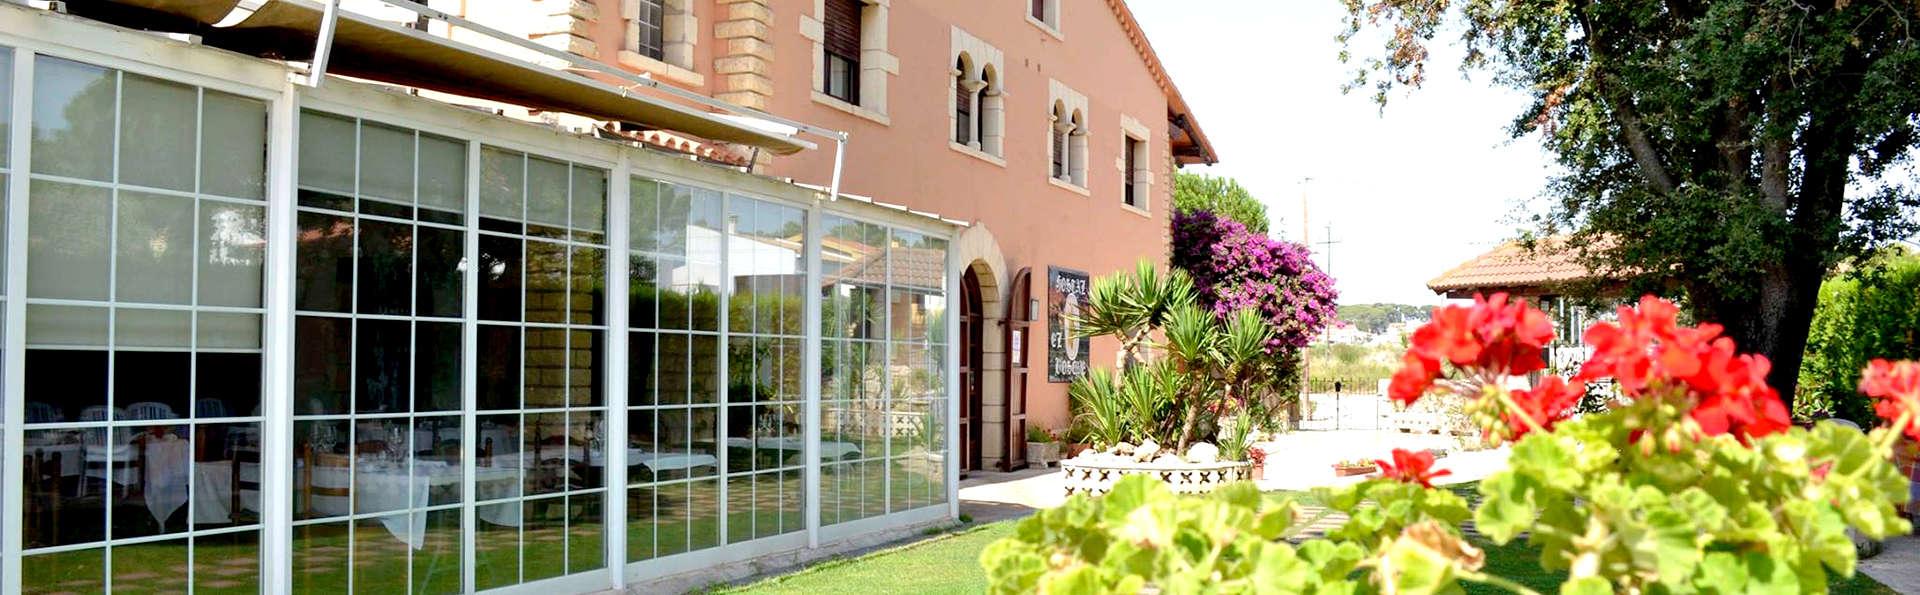 Hotel restaurant El Bosc - Edit_Front7.jpg